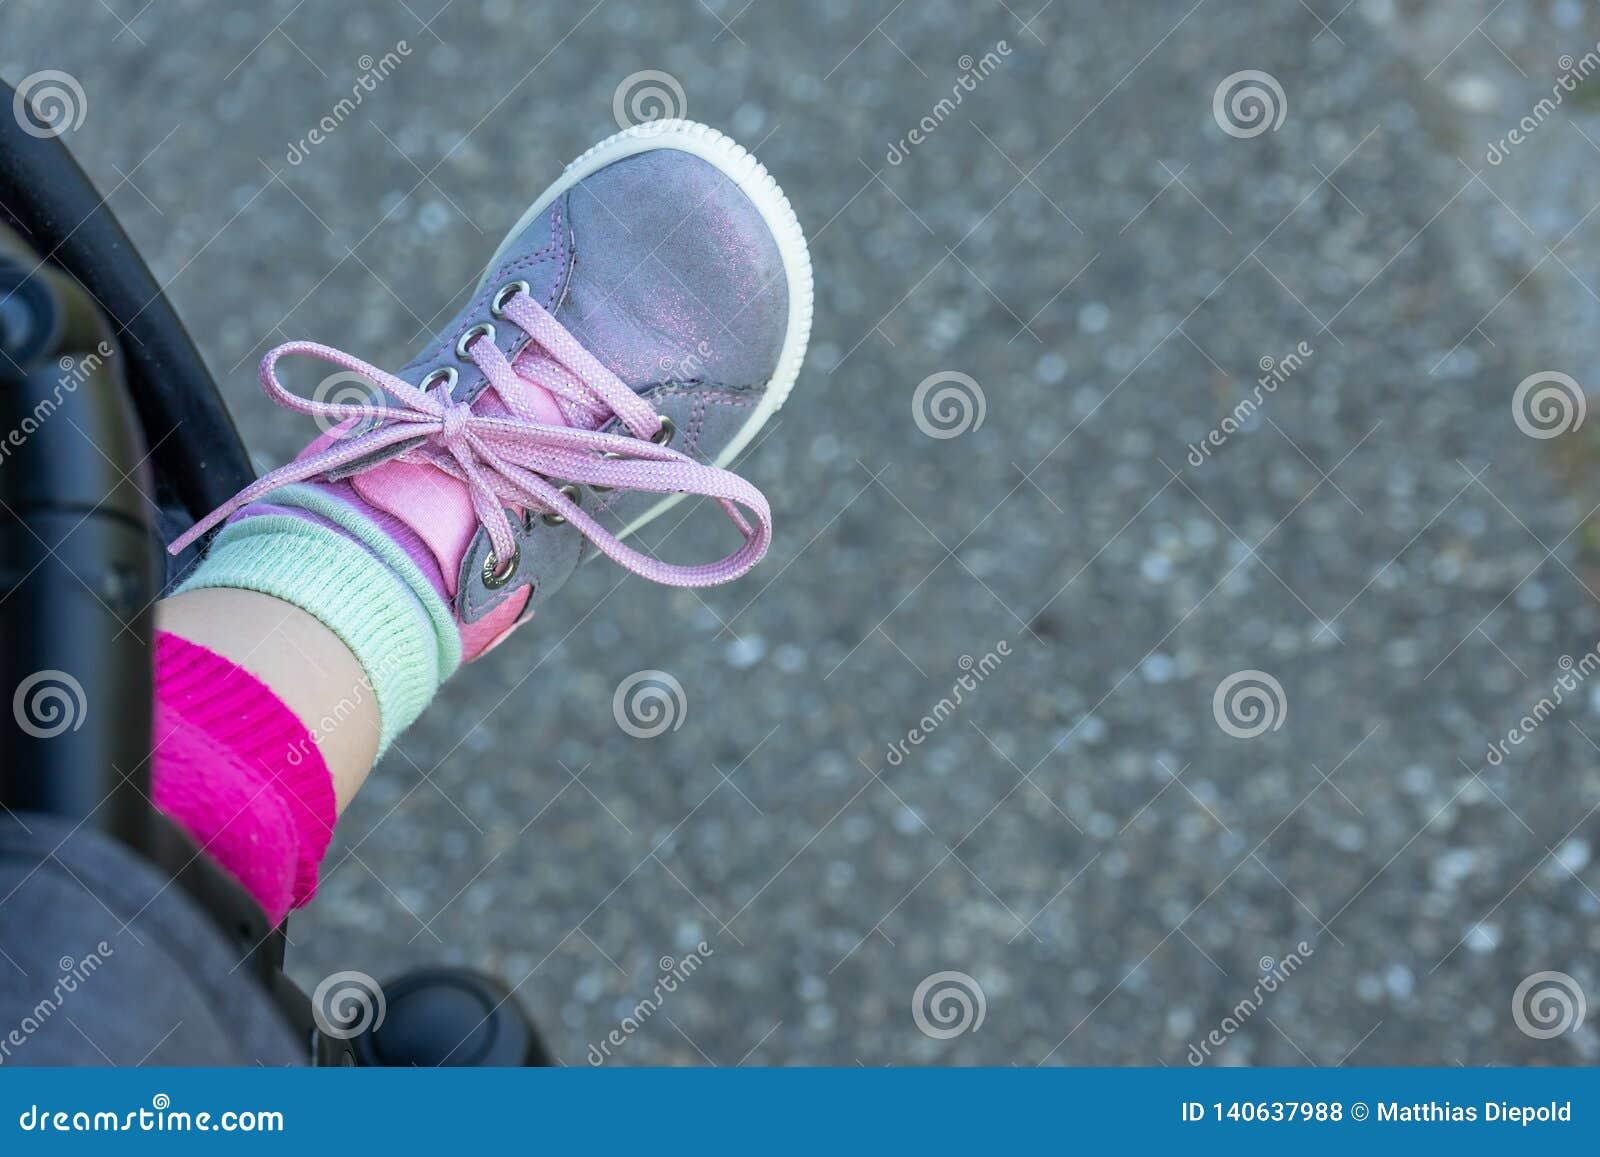 Fuß eines Babys mit Schuh